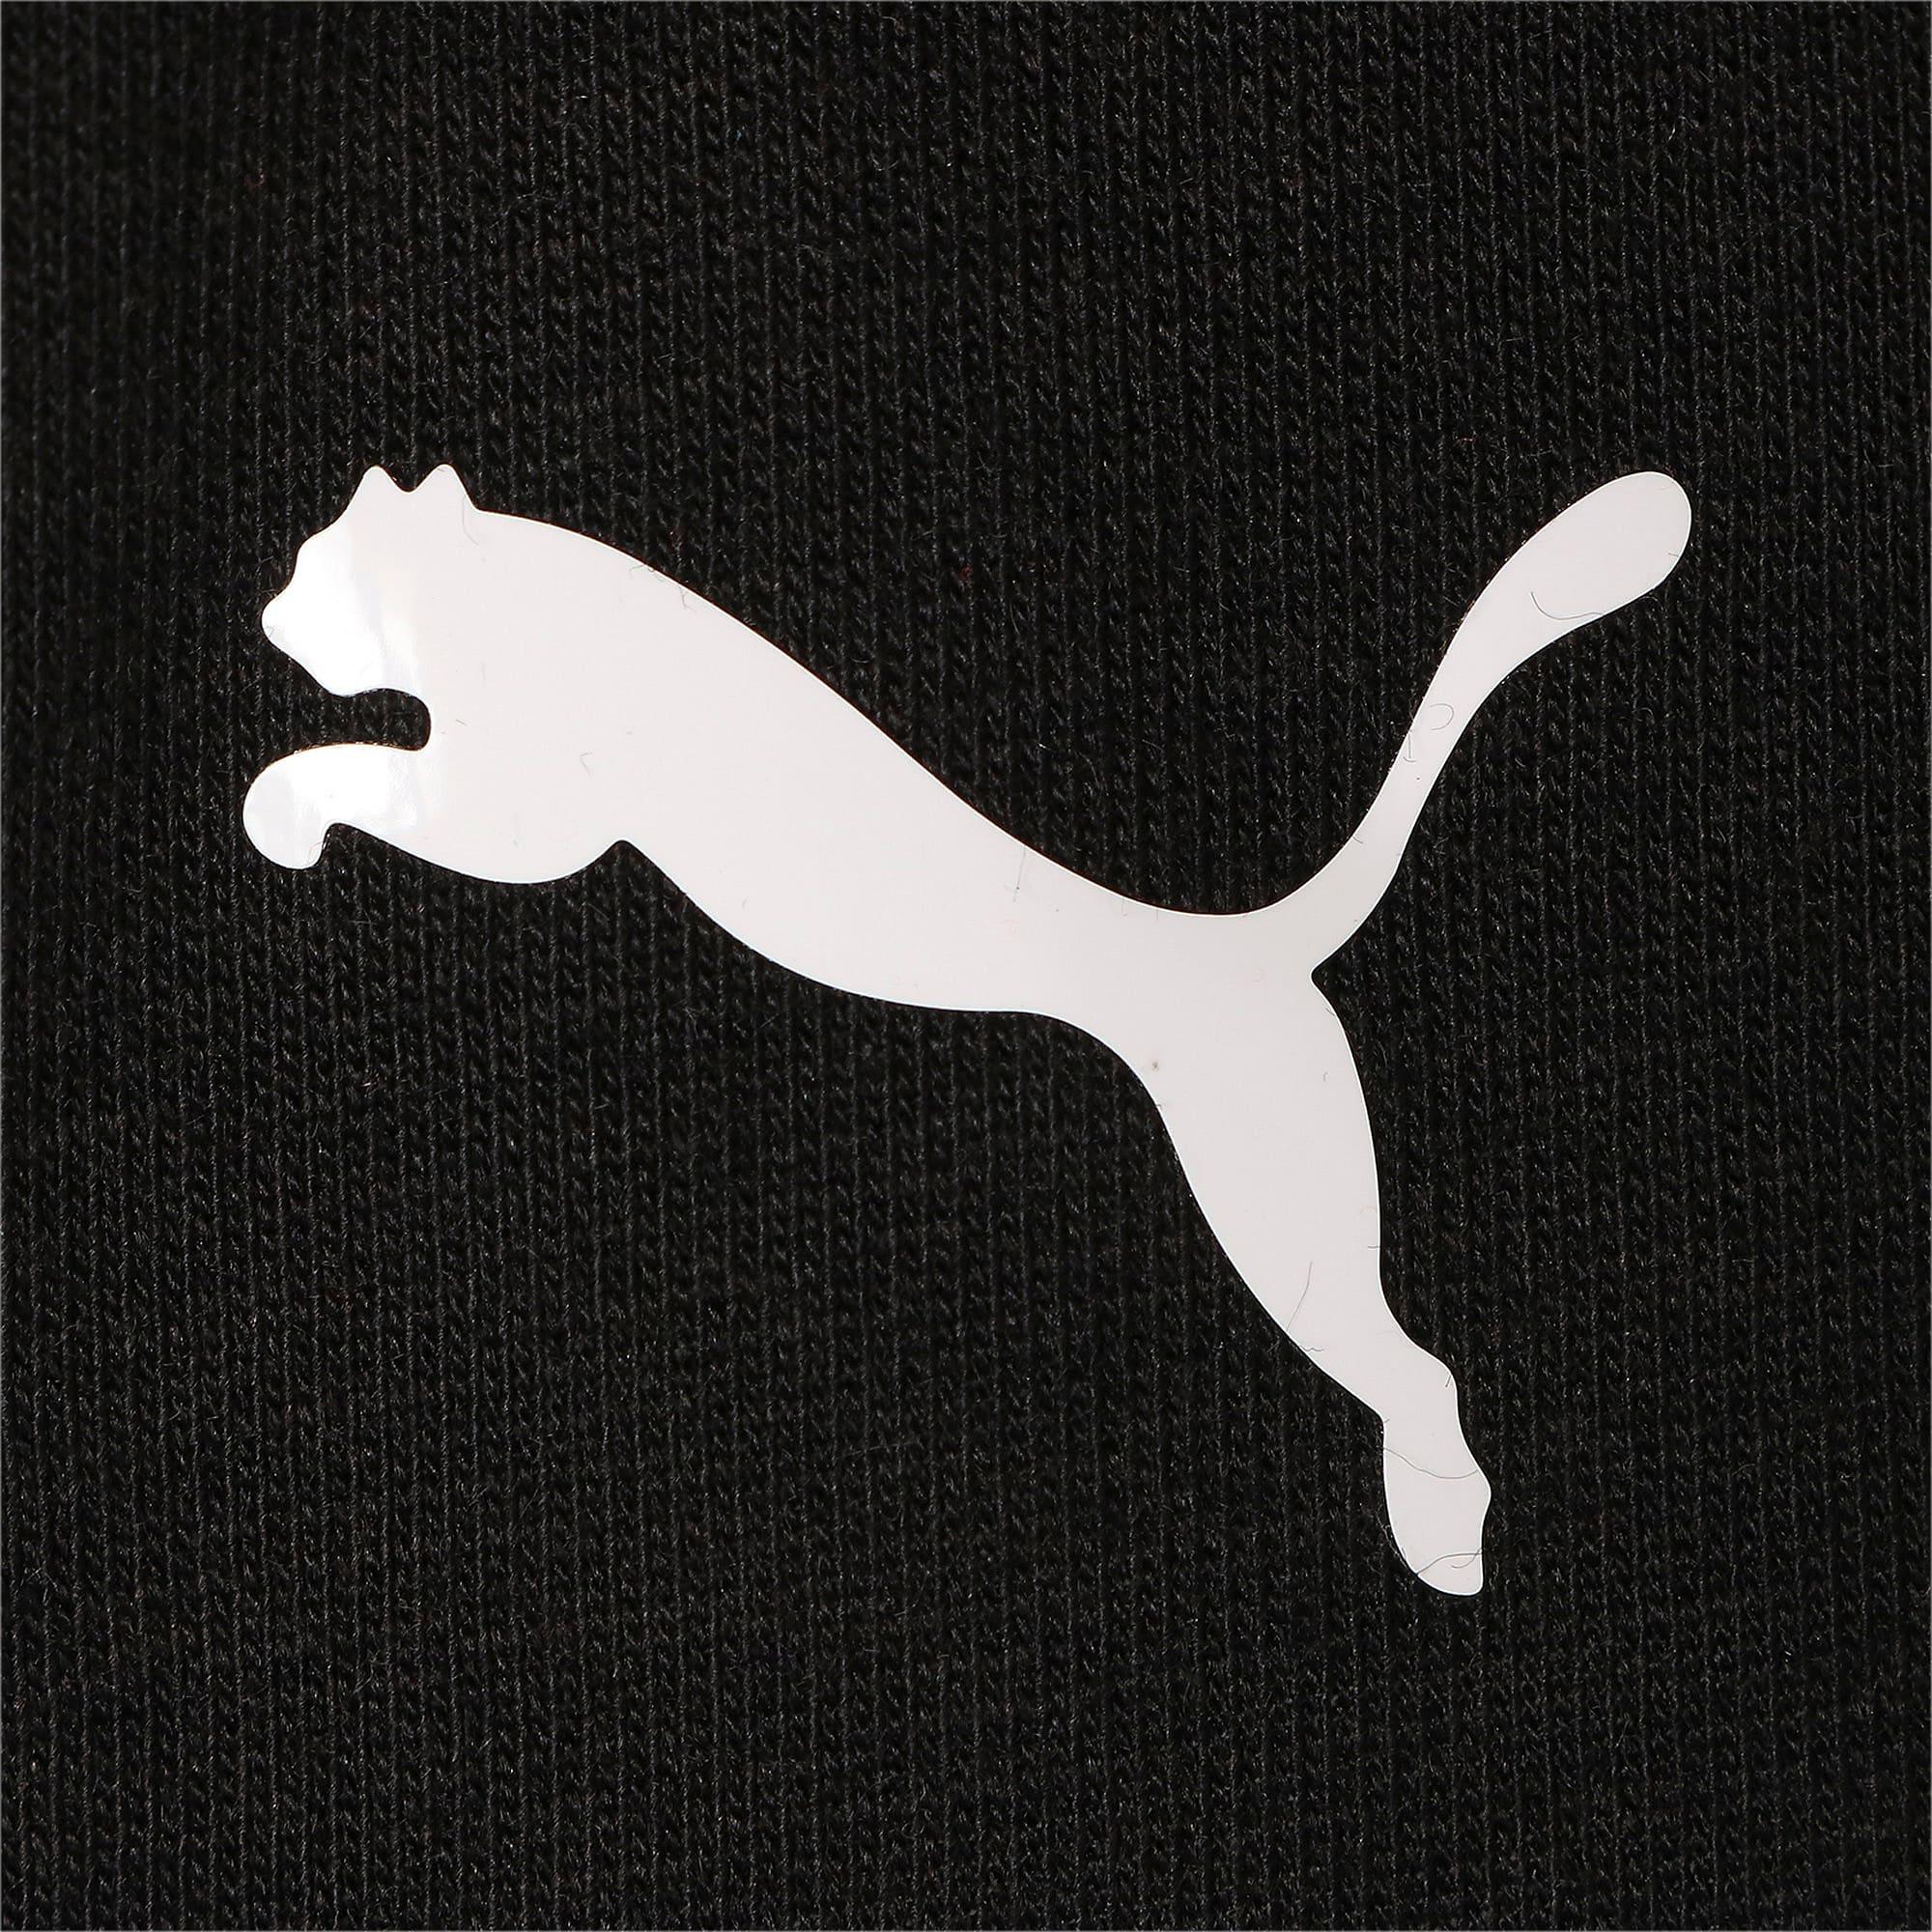 Thumbnail 7 of フィール イット SS ウィメンズ トレーニング Tシャツ 半袖, Puma Black, medium-JPN